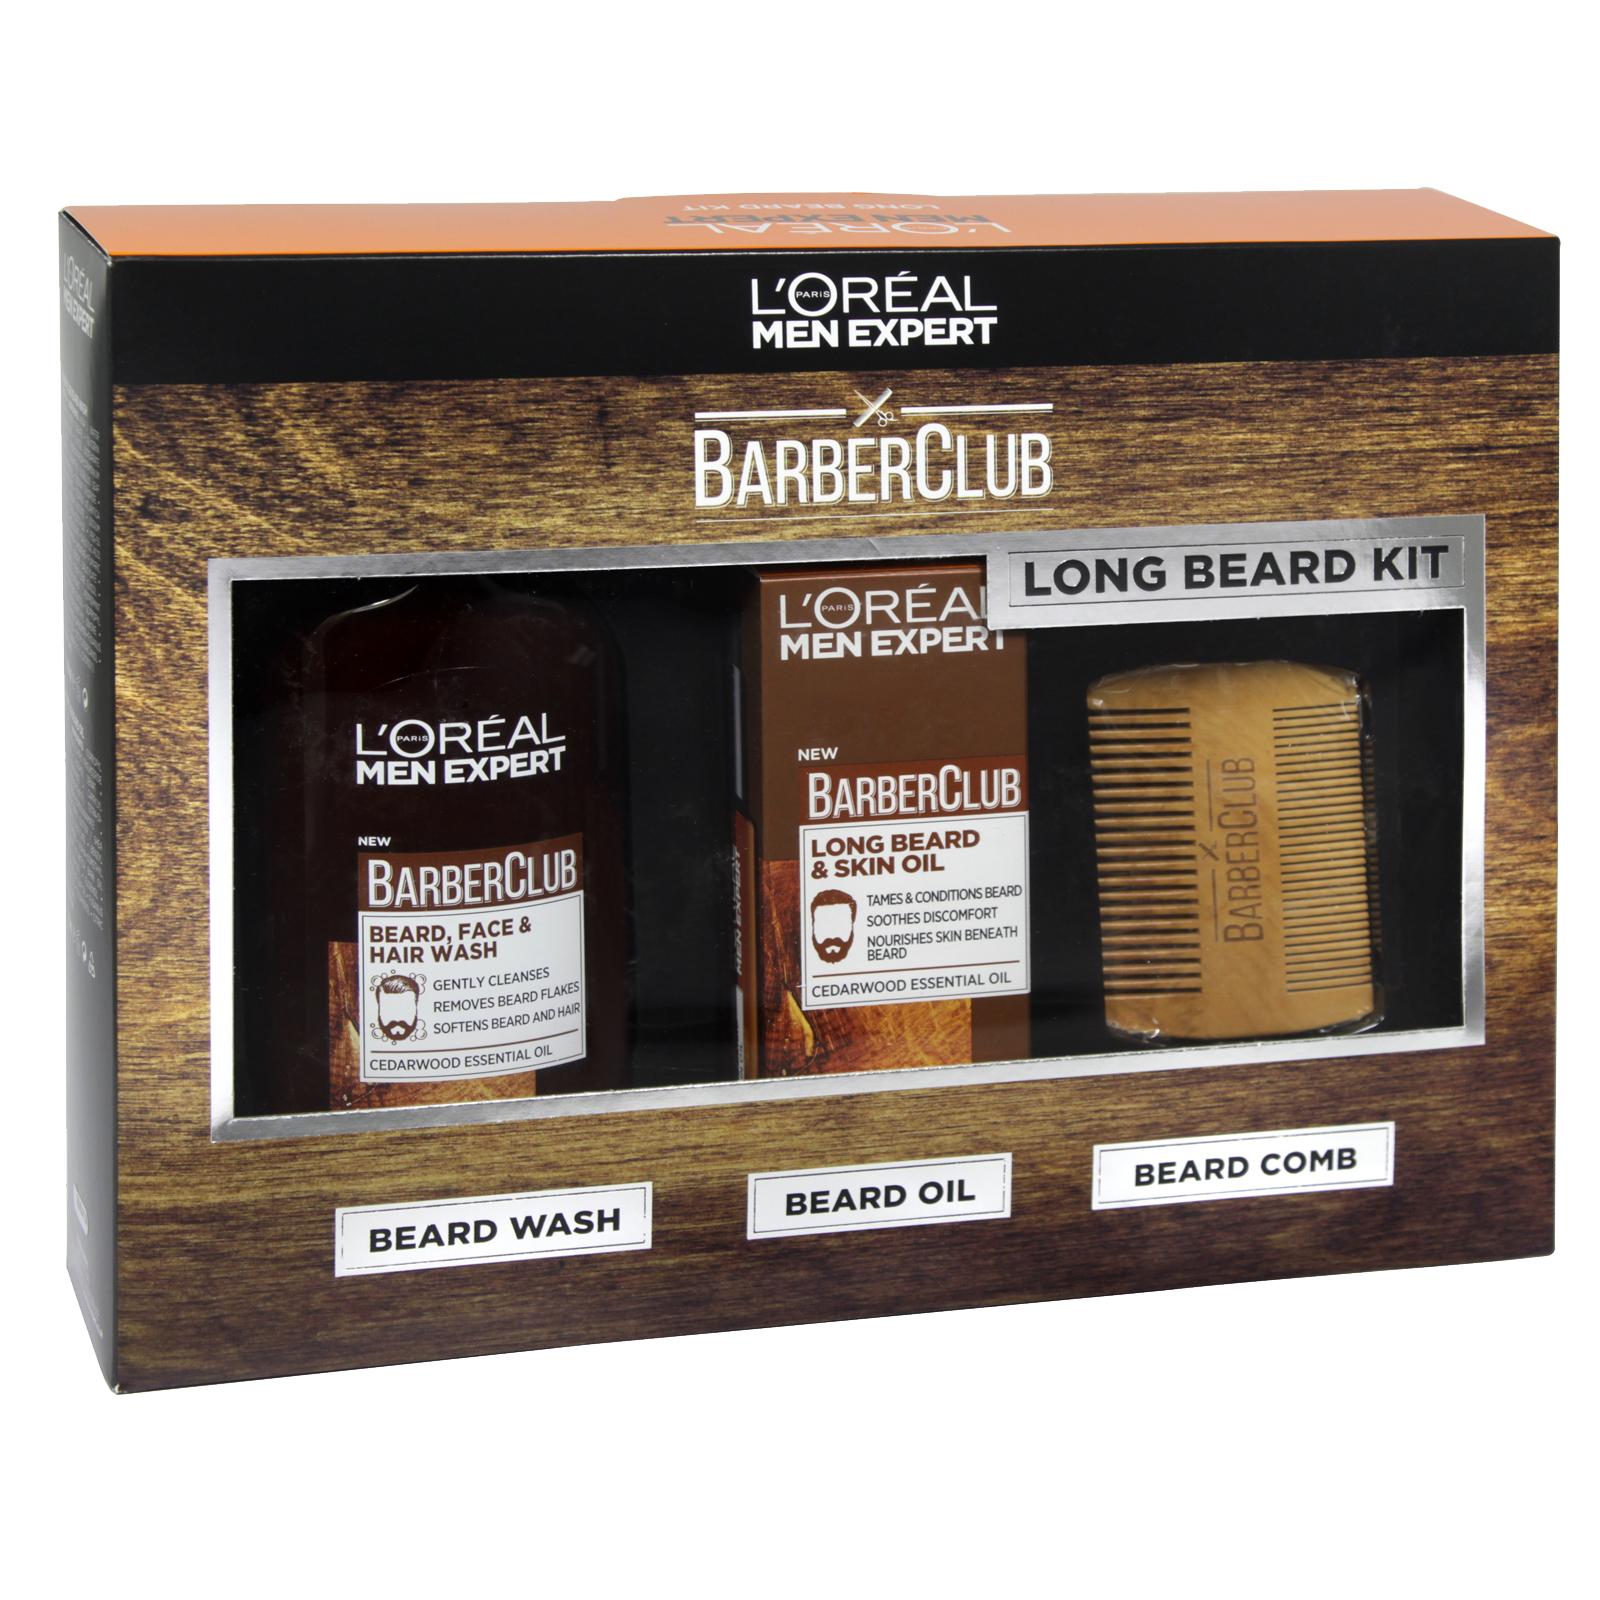 LOREAL MEN EXPERT BARBER CLUB LONG BEARD KIT 30ML BEARD OIL+200ML B/WASH+B/COMB